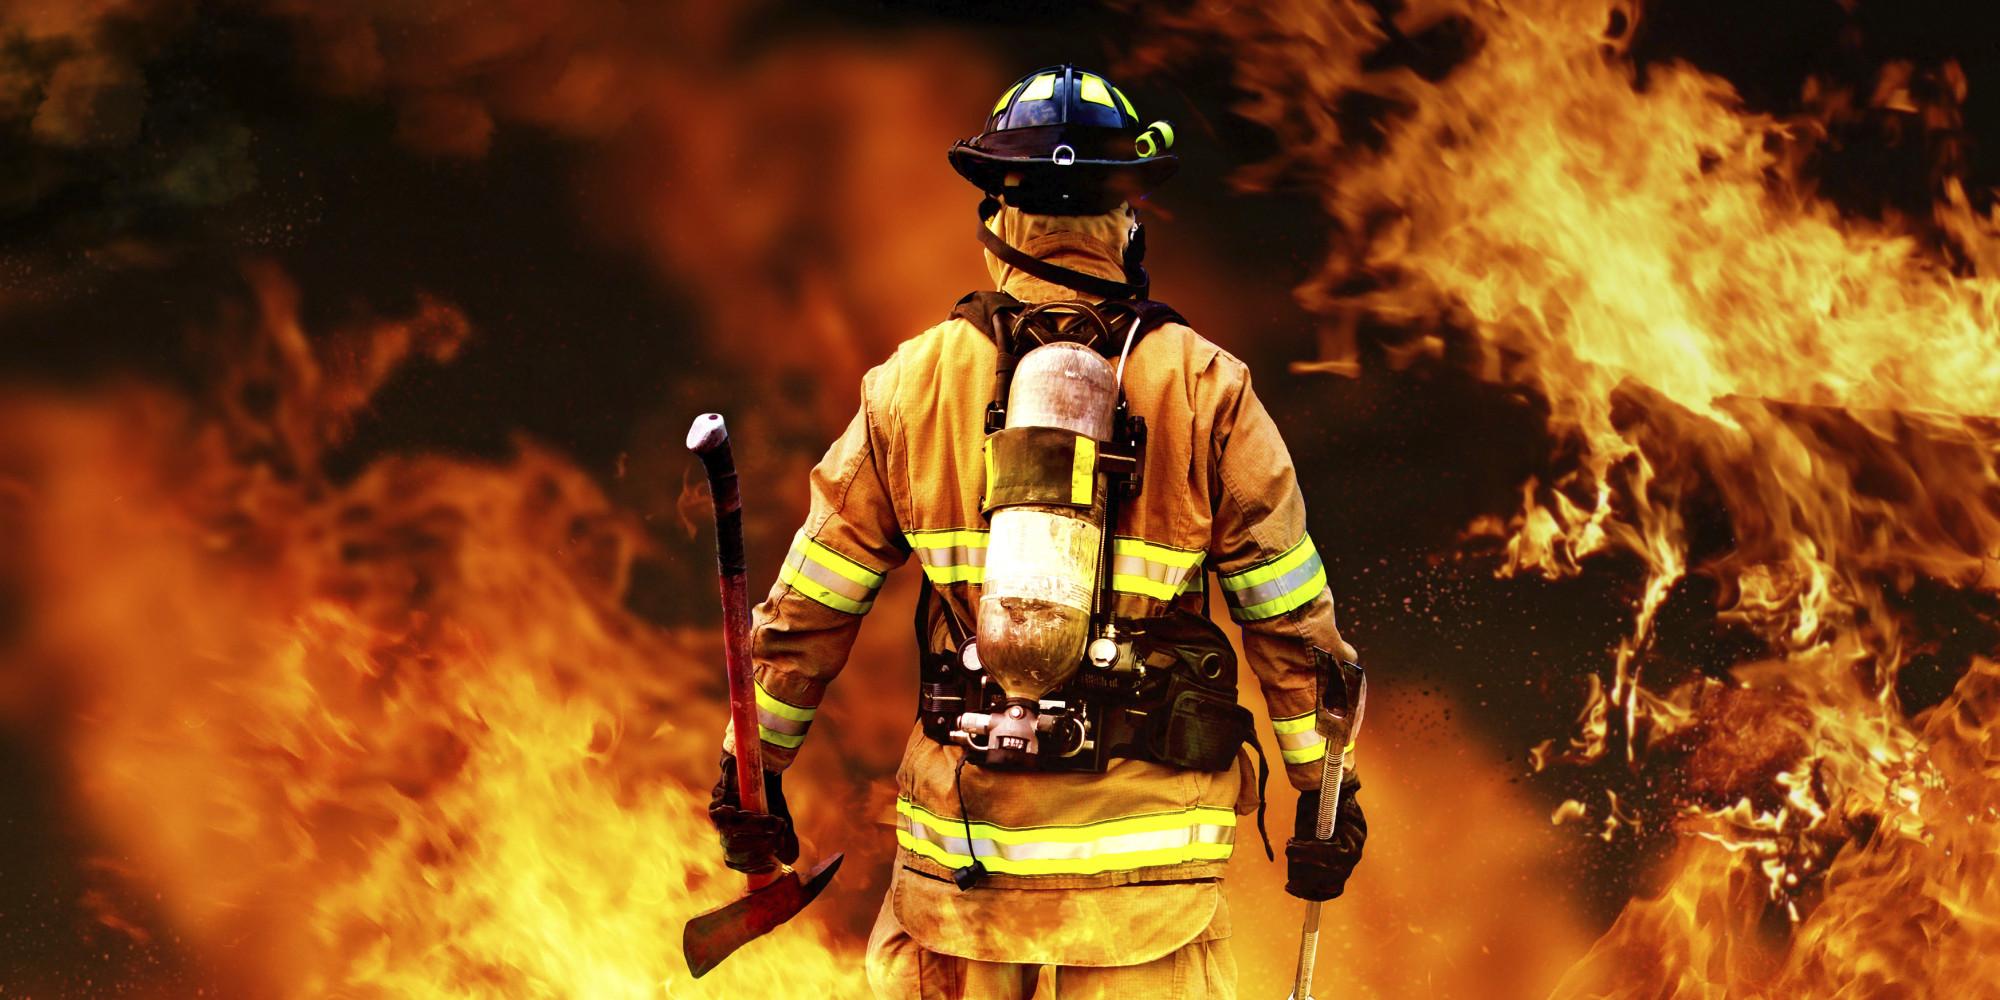 الغاز المستعمل في اطفاء الحرائق